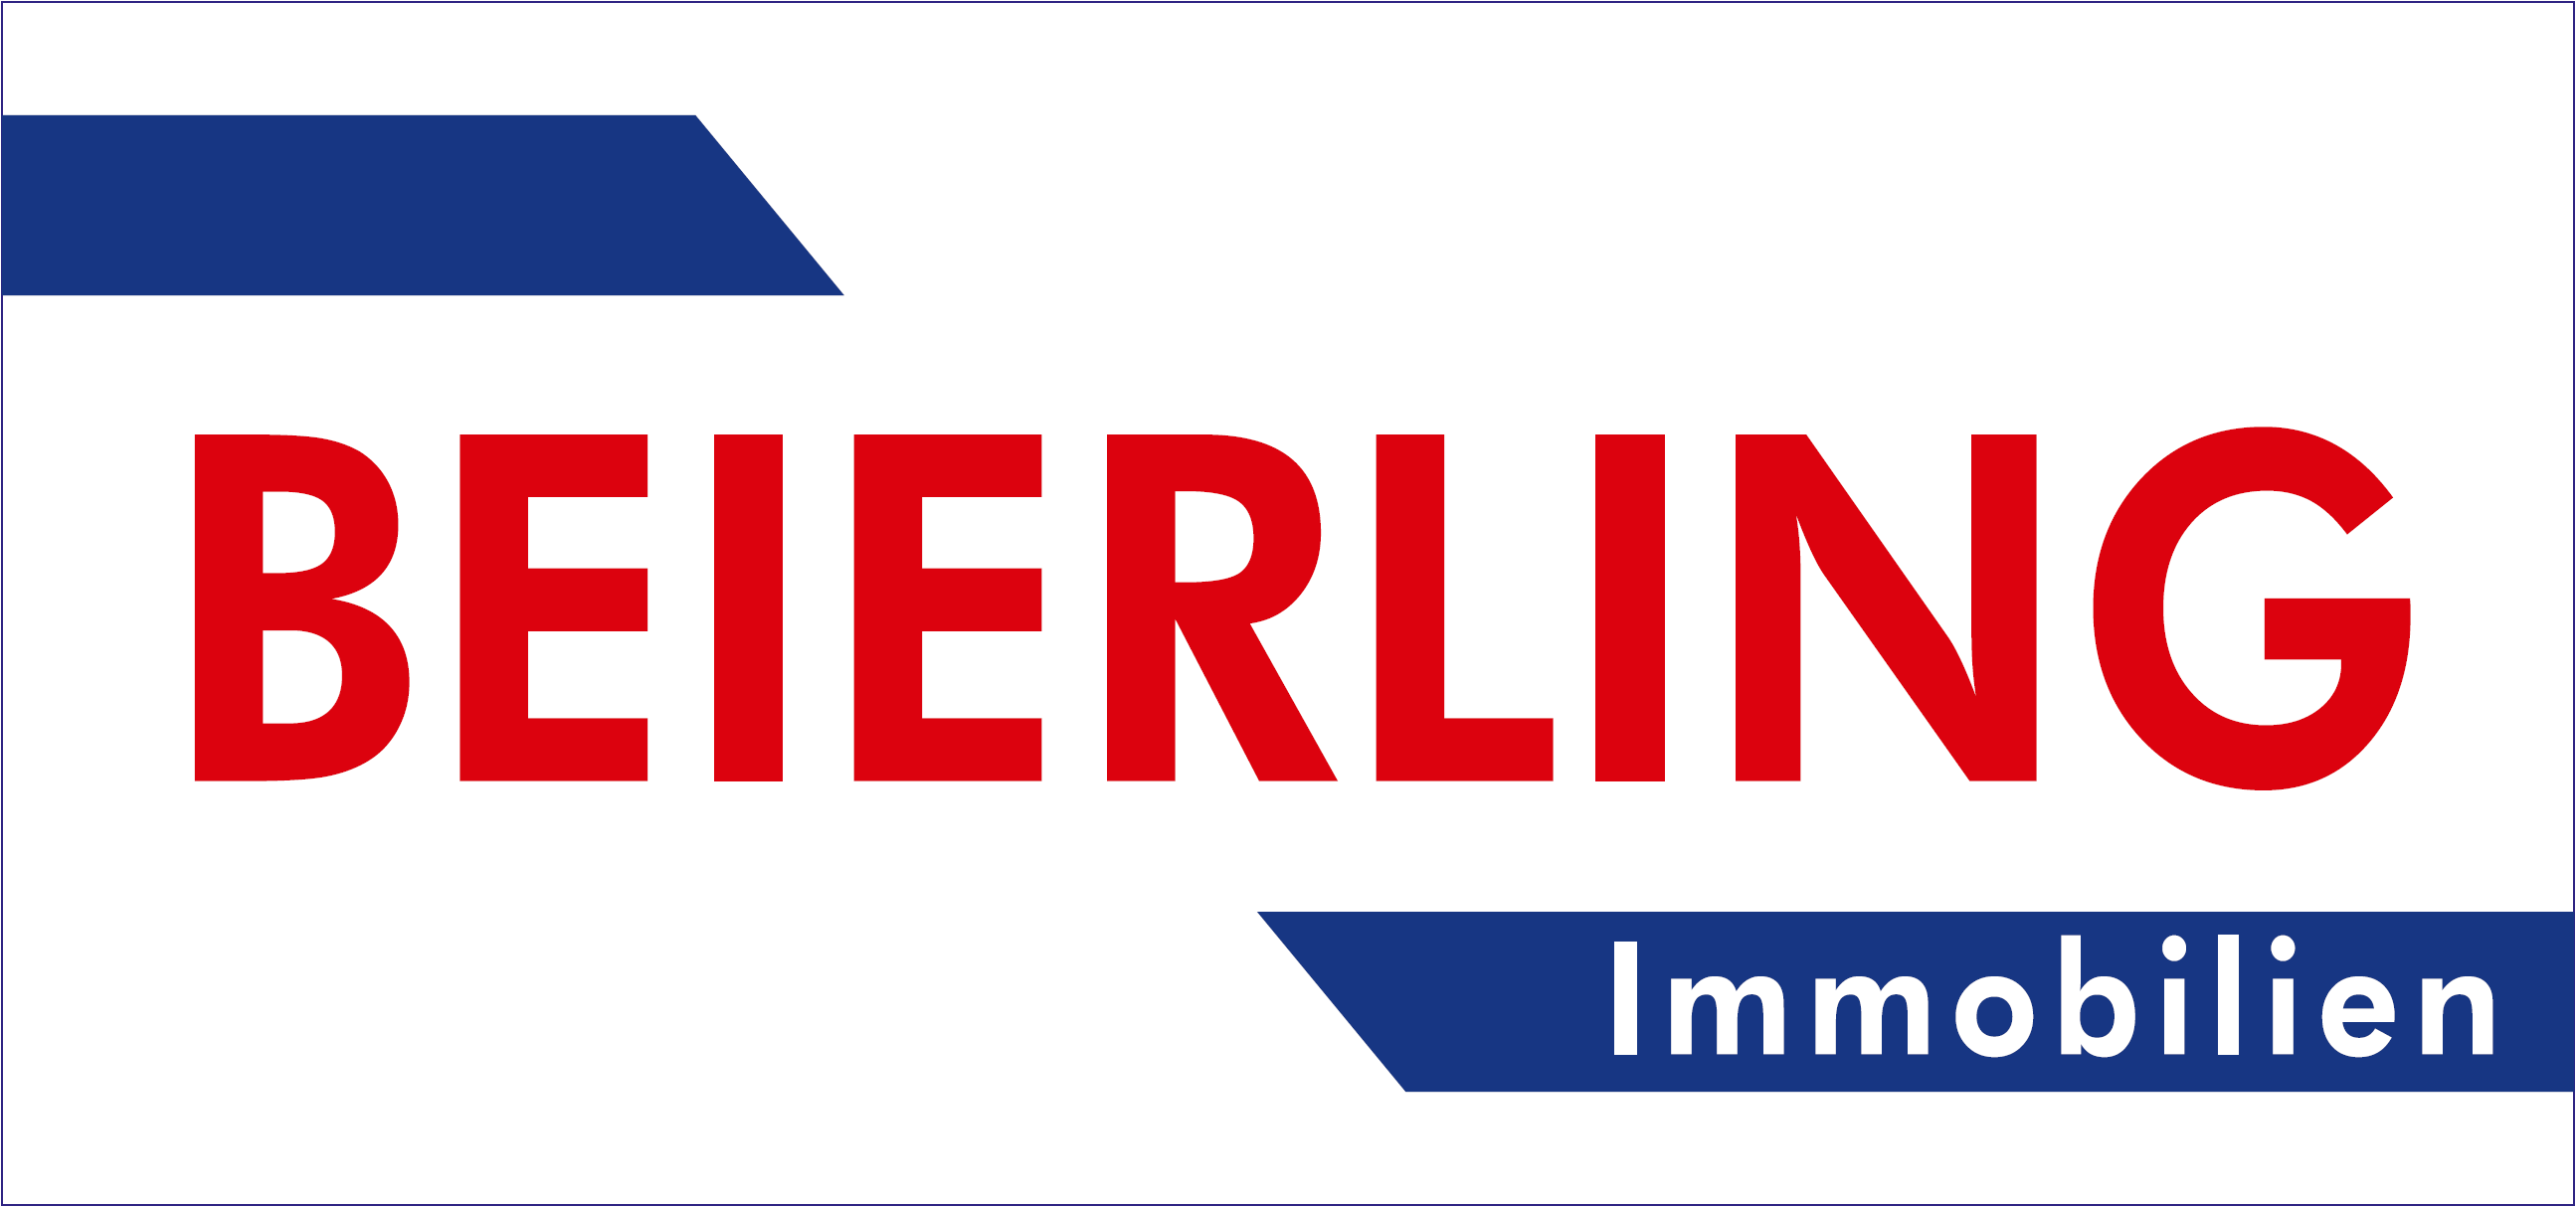 Beierling